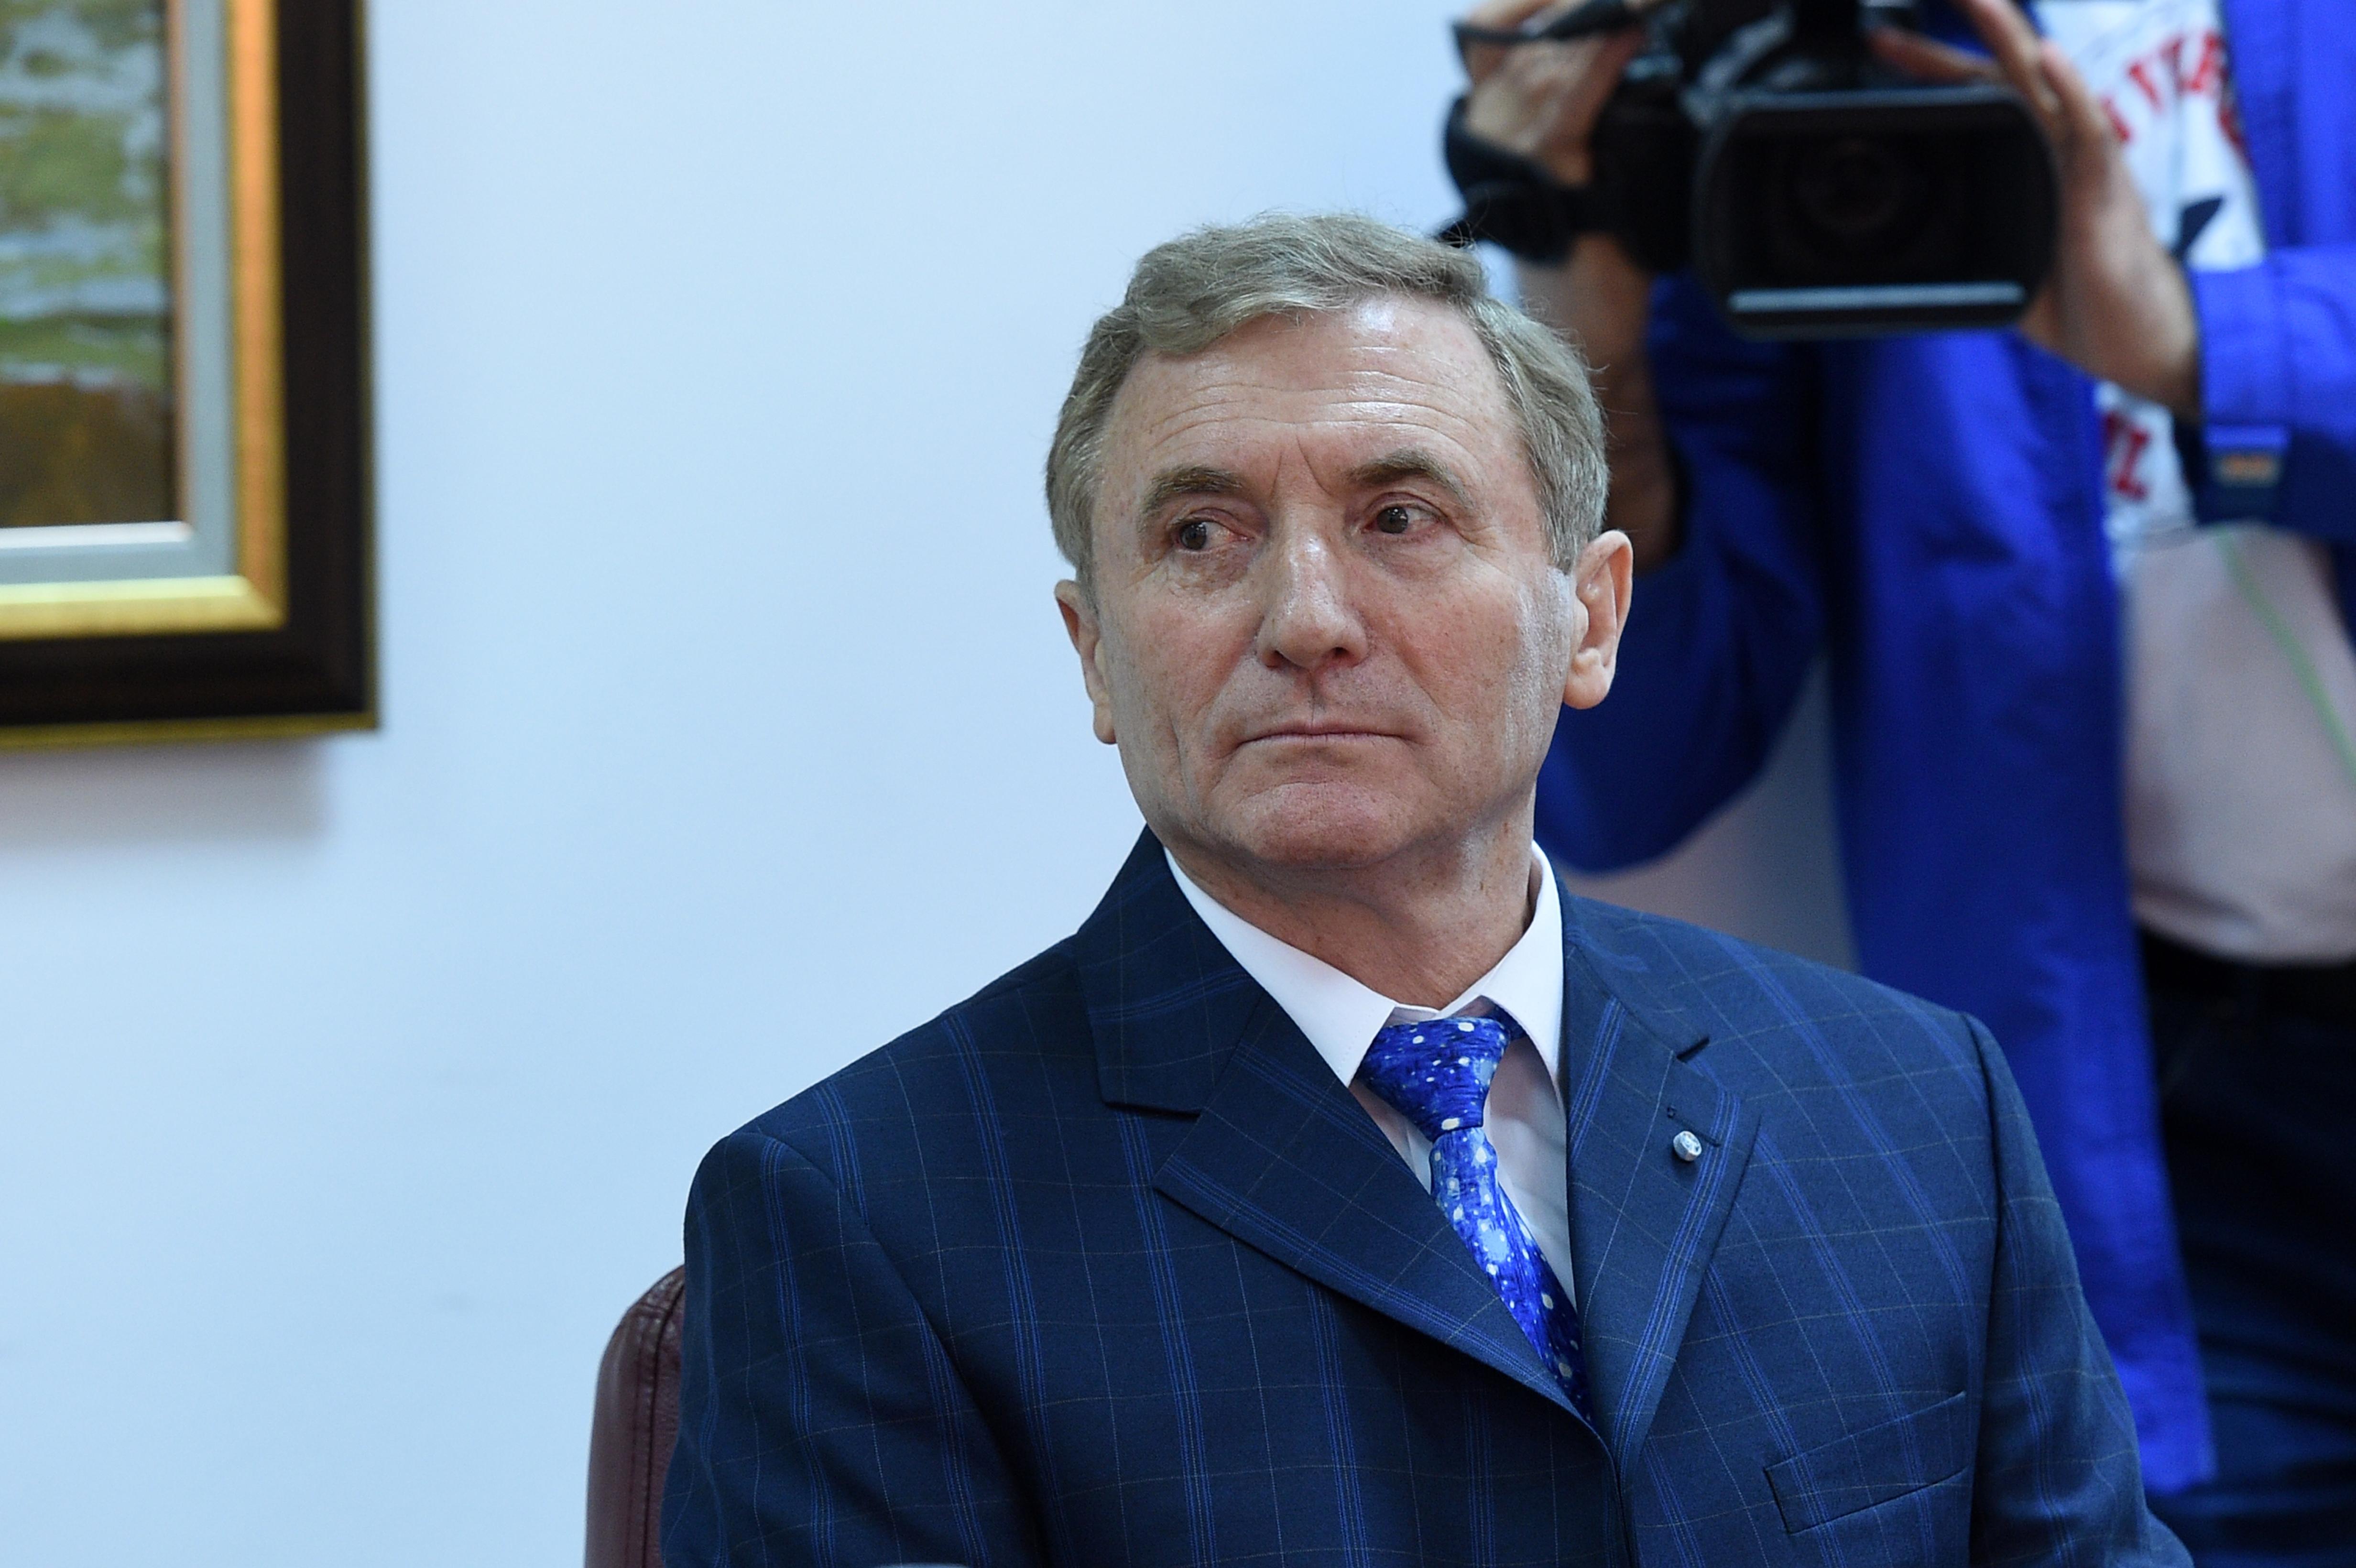 Procurorul general al Romaniei, Augustin Lazar, despre proiectul de gratiere a unor pedepse: